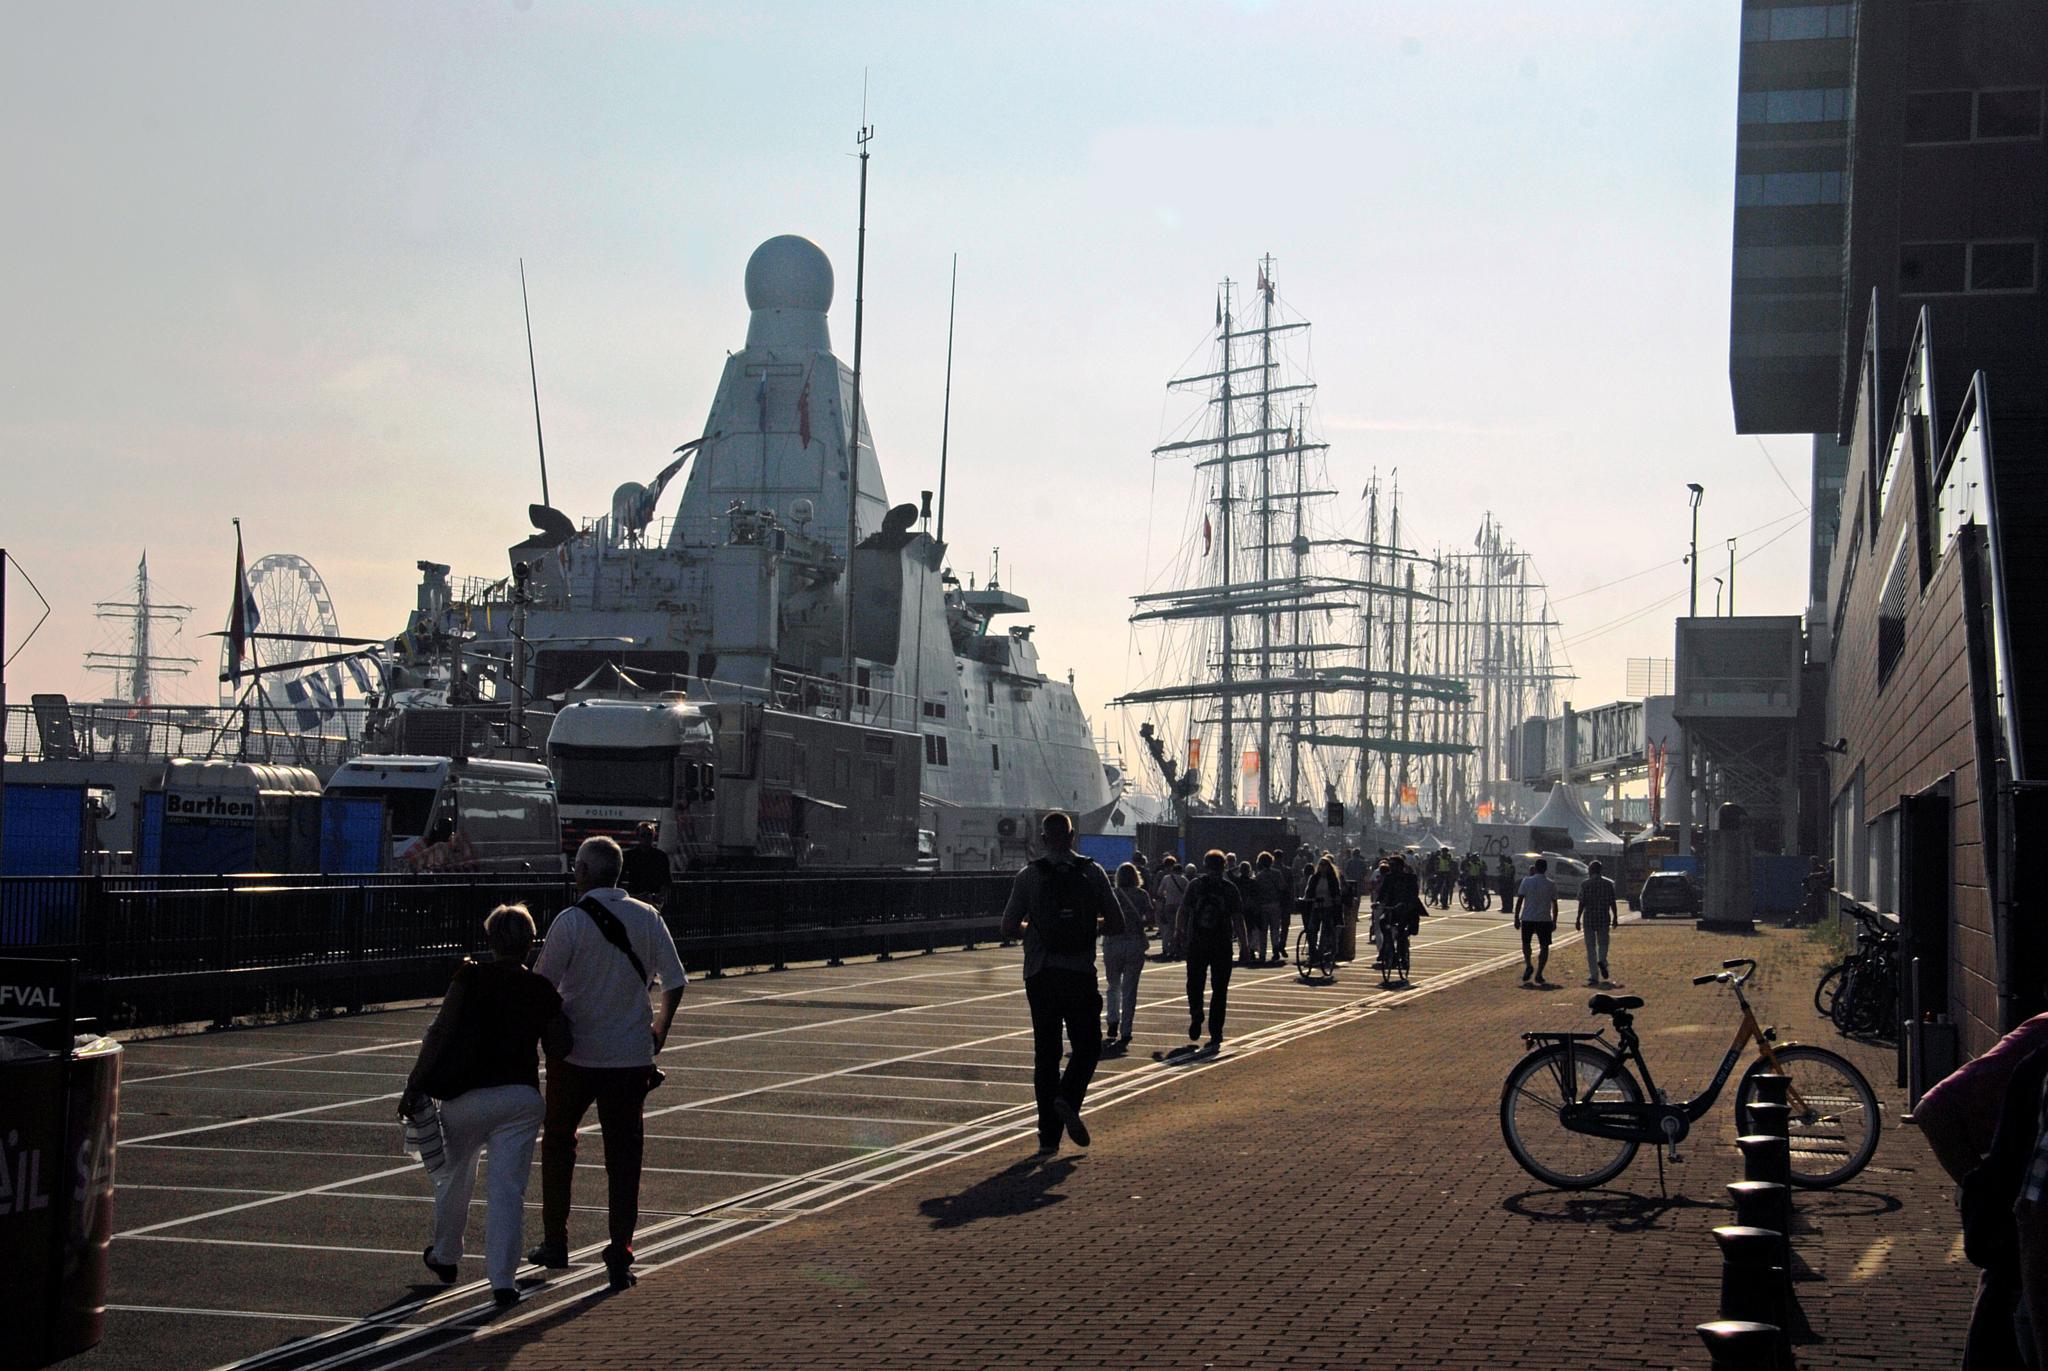 Amsterdam by edmund hirschfeld